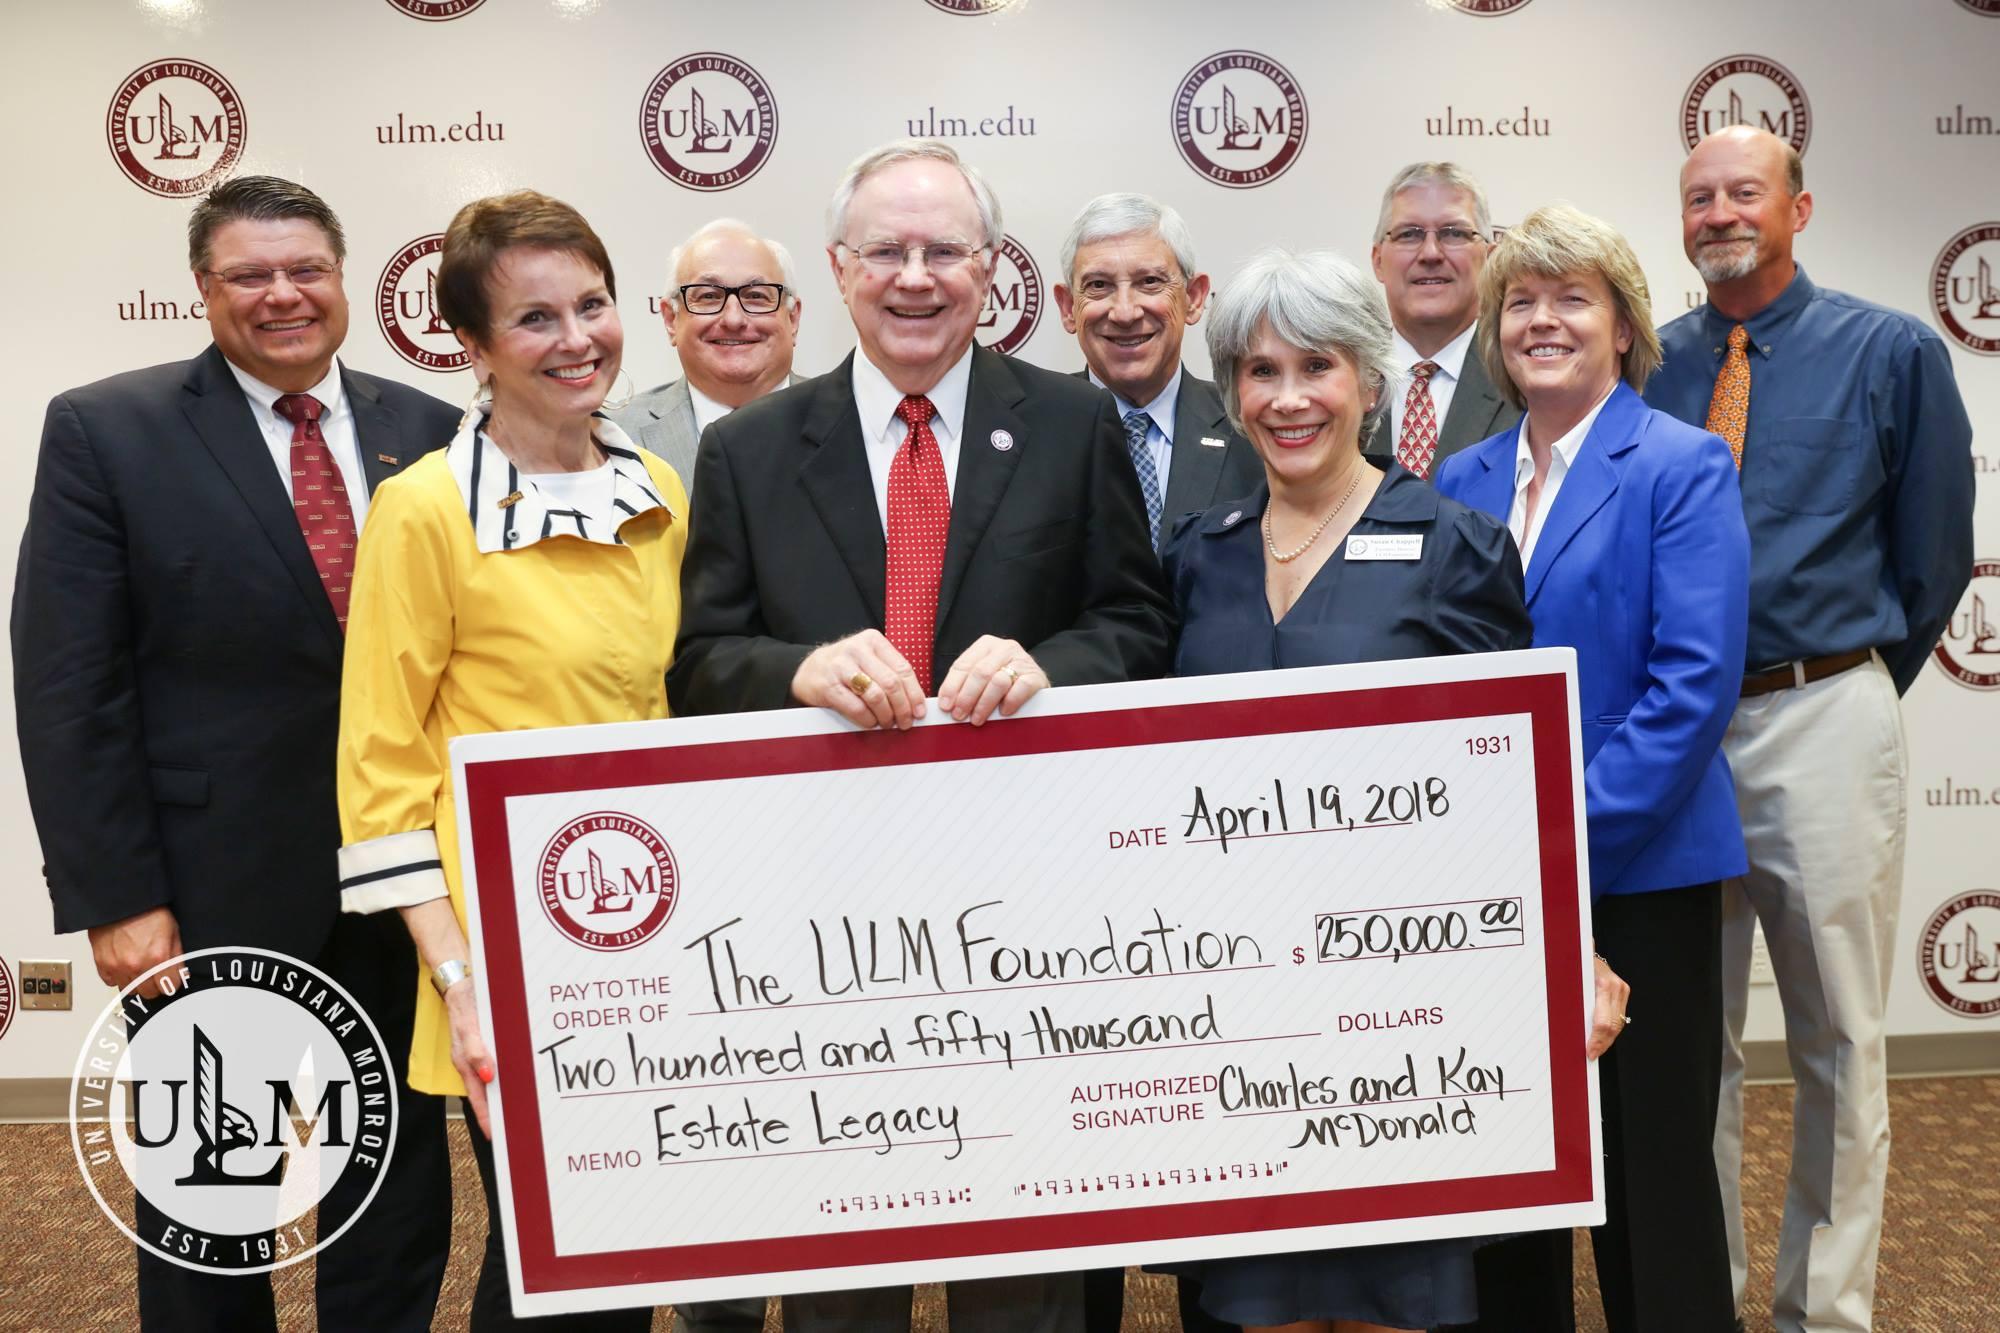 ULM Foundation honor McDonalds for estate gift